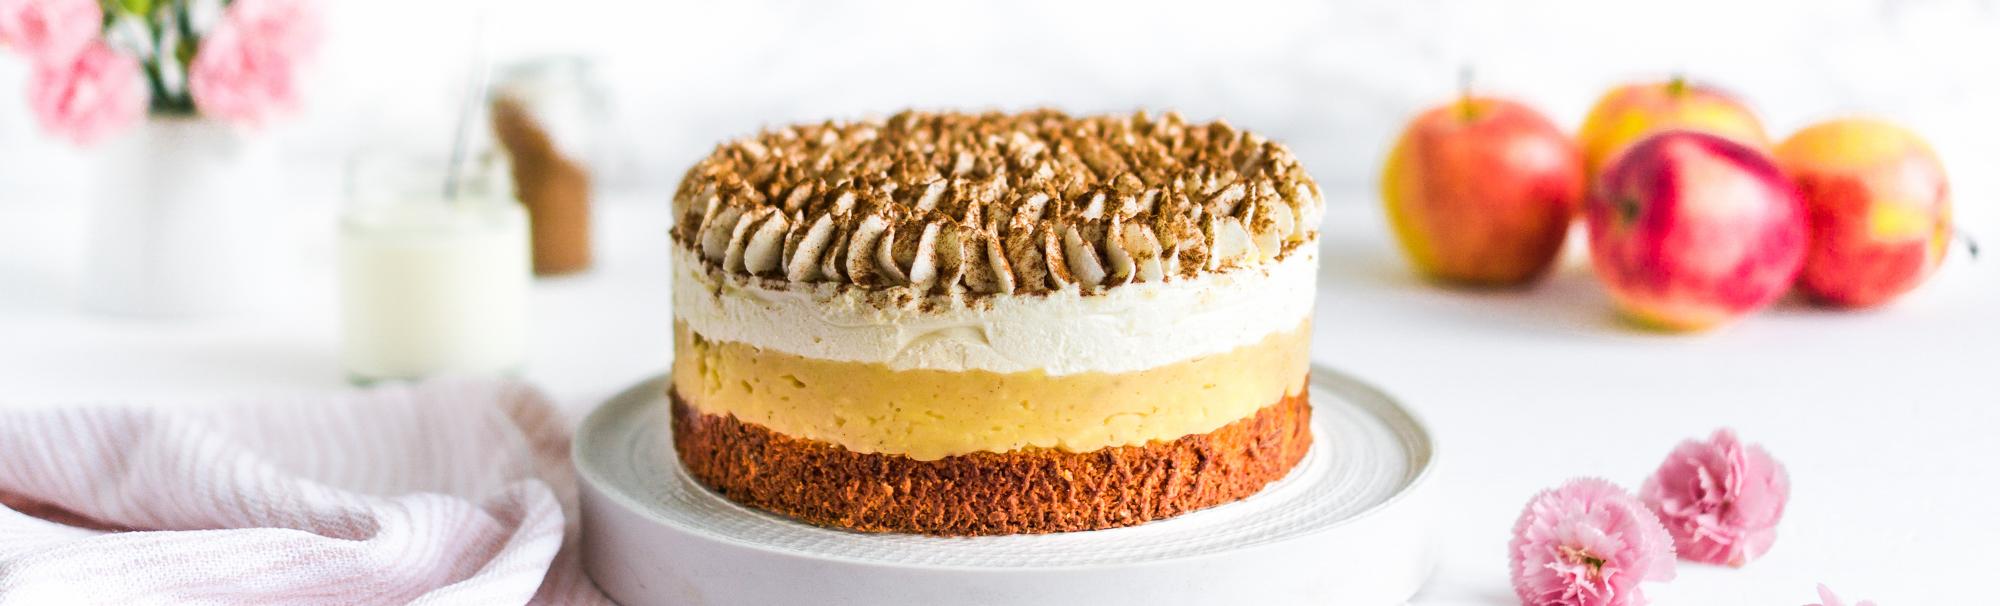 Bratapfel-Quark Torte